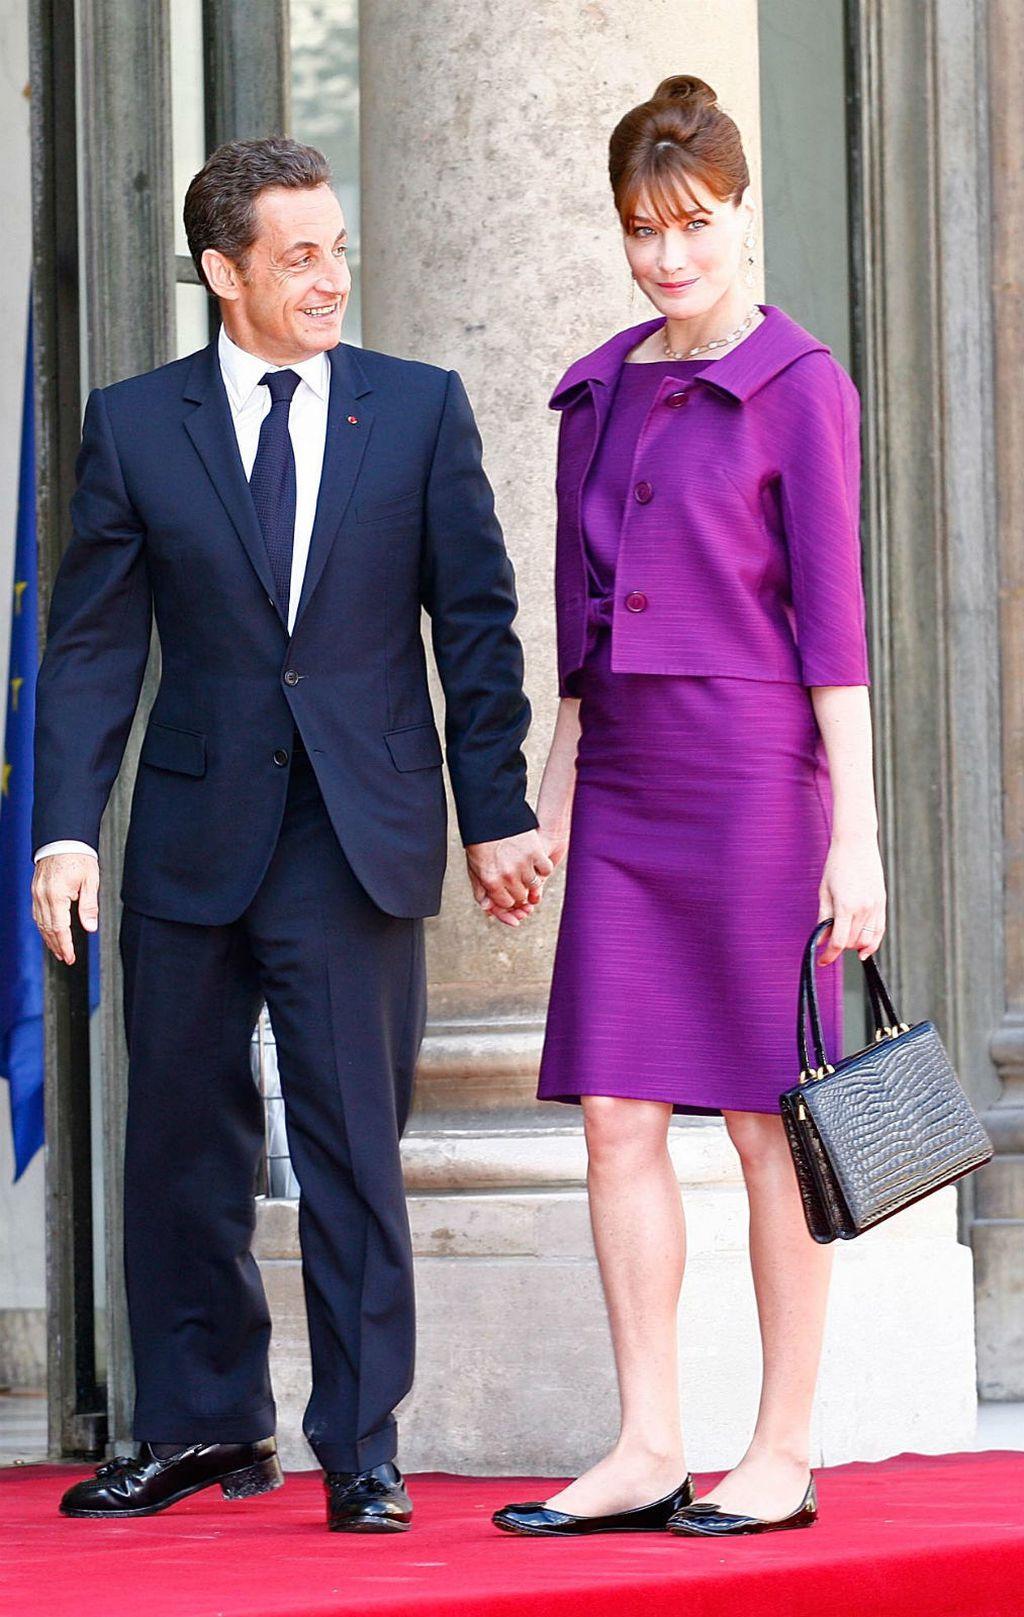 Visoke žene i niski muškarci - 1